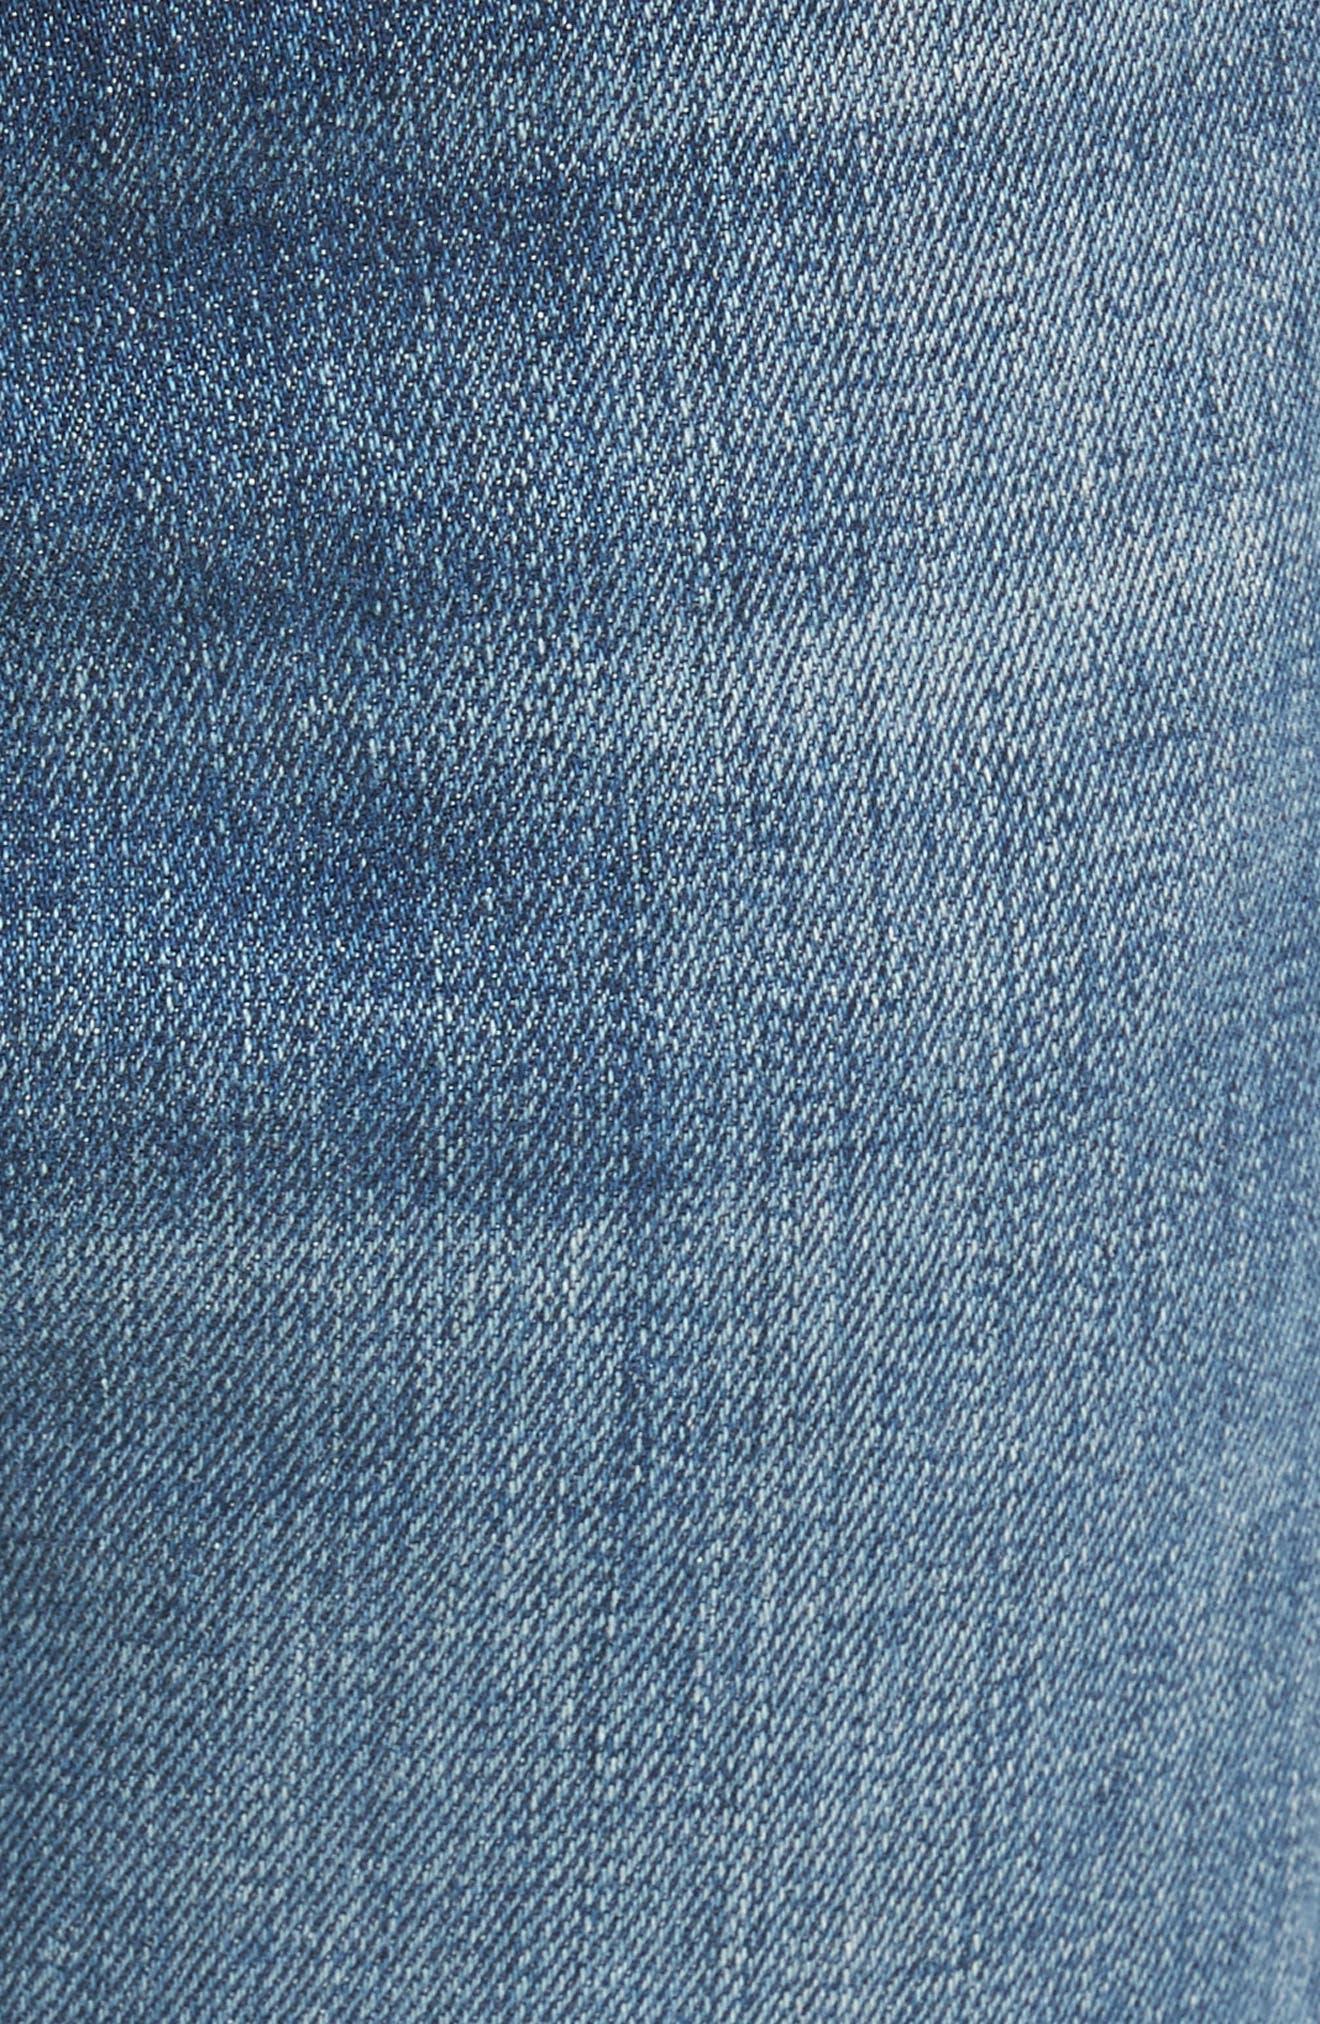 Alternate Image 5  - rag & bone Fit 2 Slim Fit Jeans (Linden)